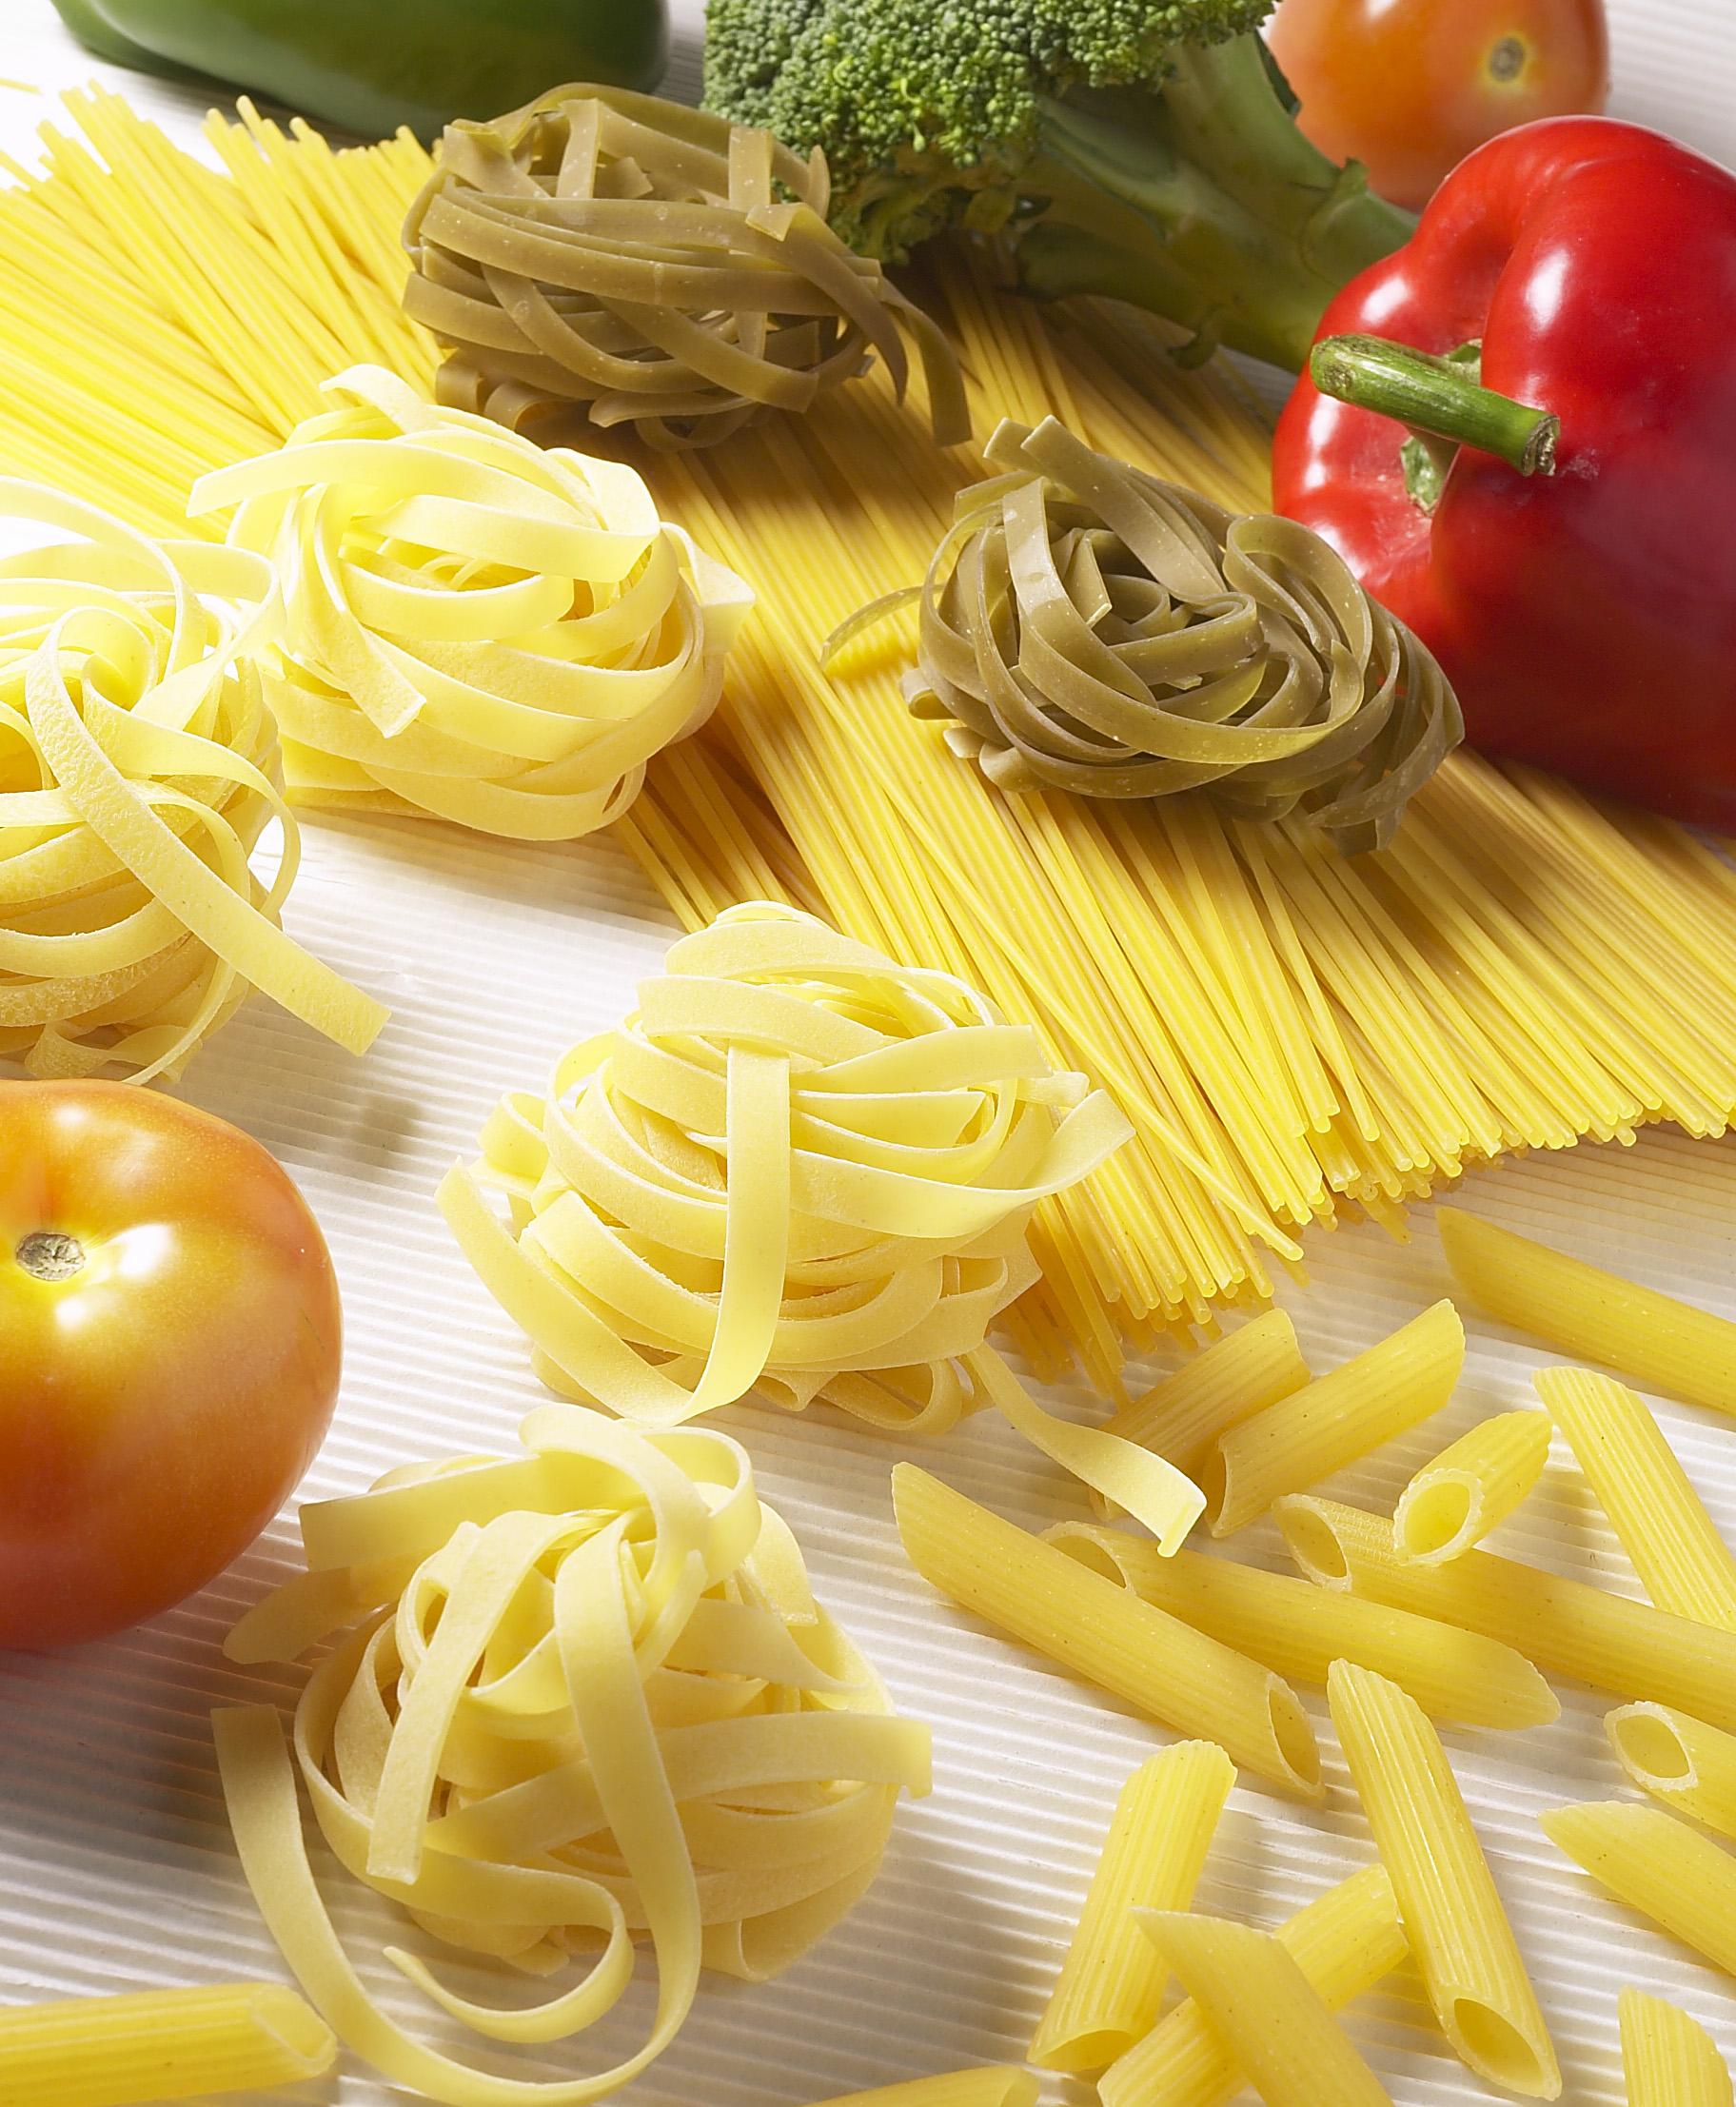 Gastronom a italiana comidas y recetas de italia for Comida italiana